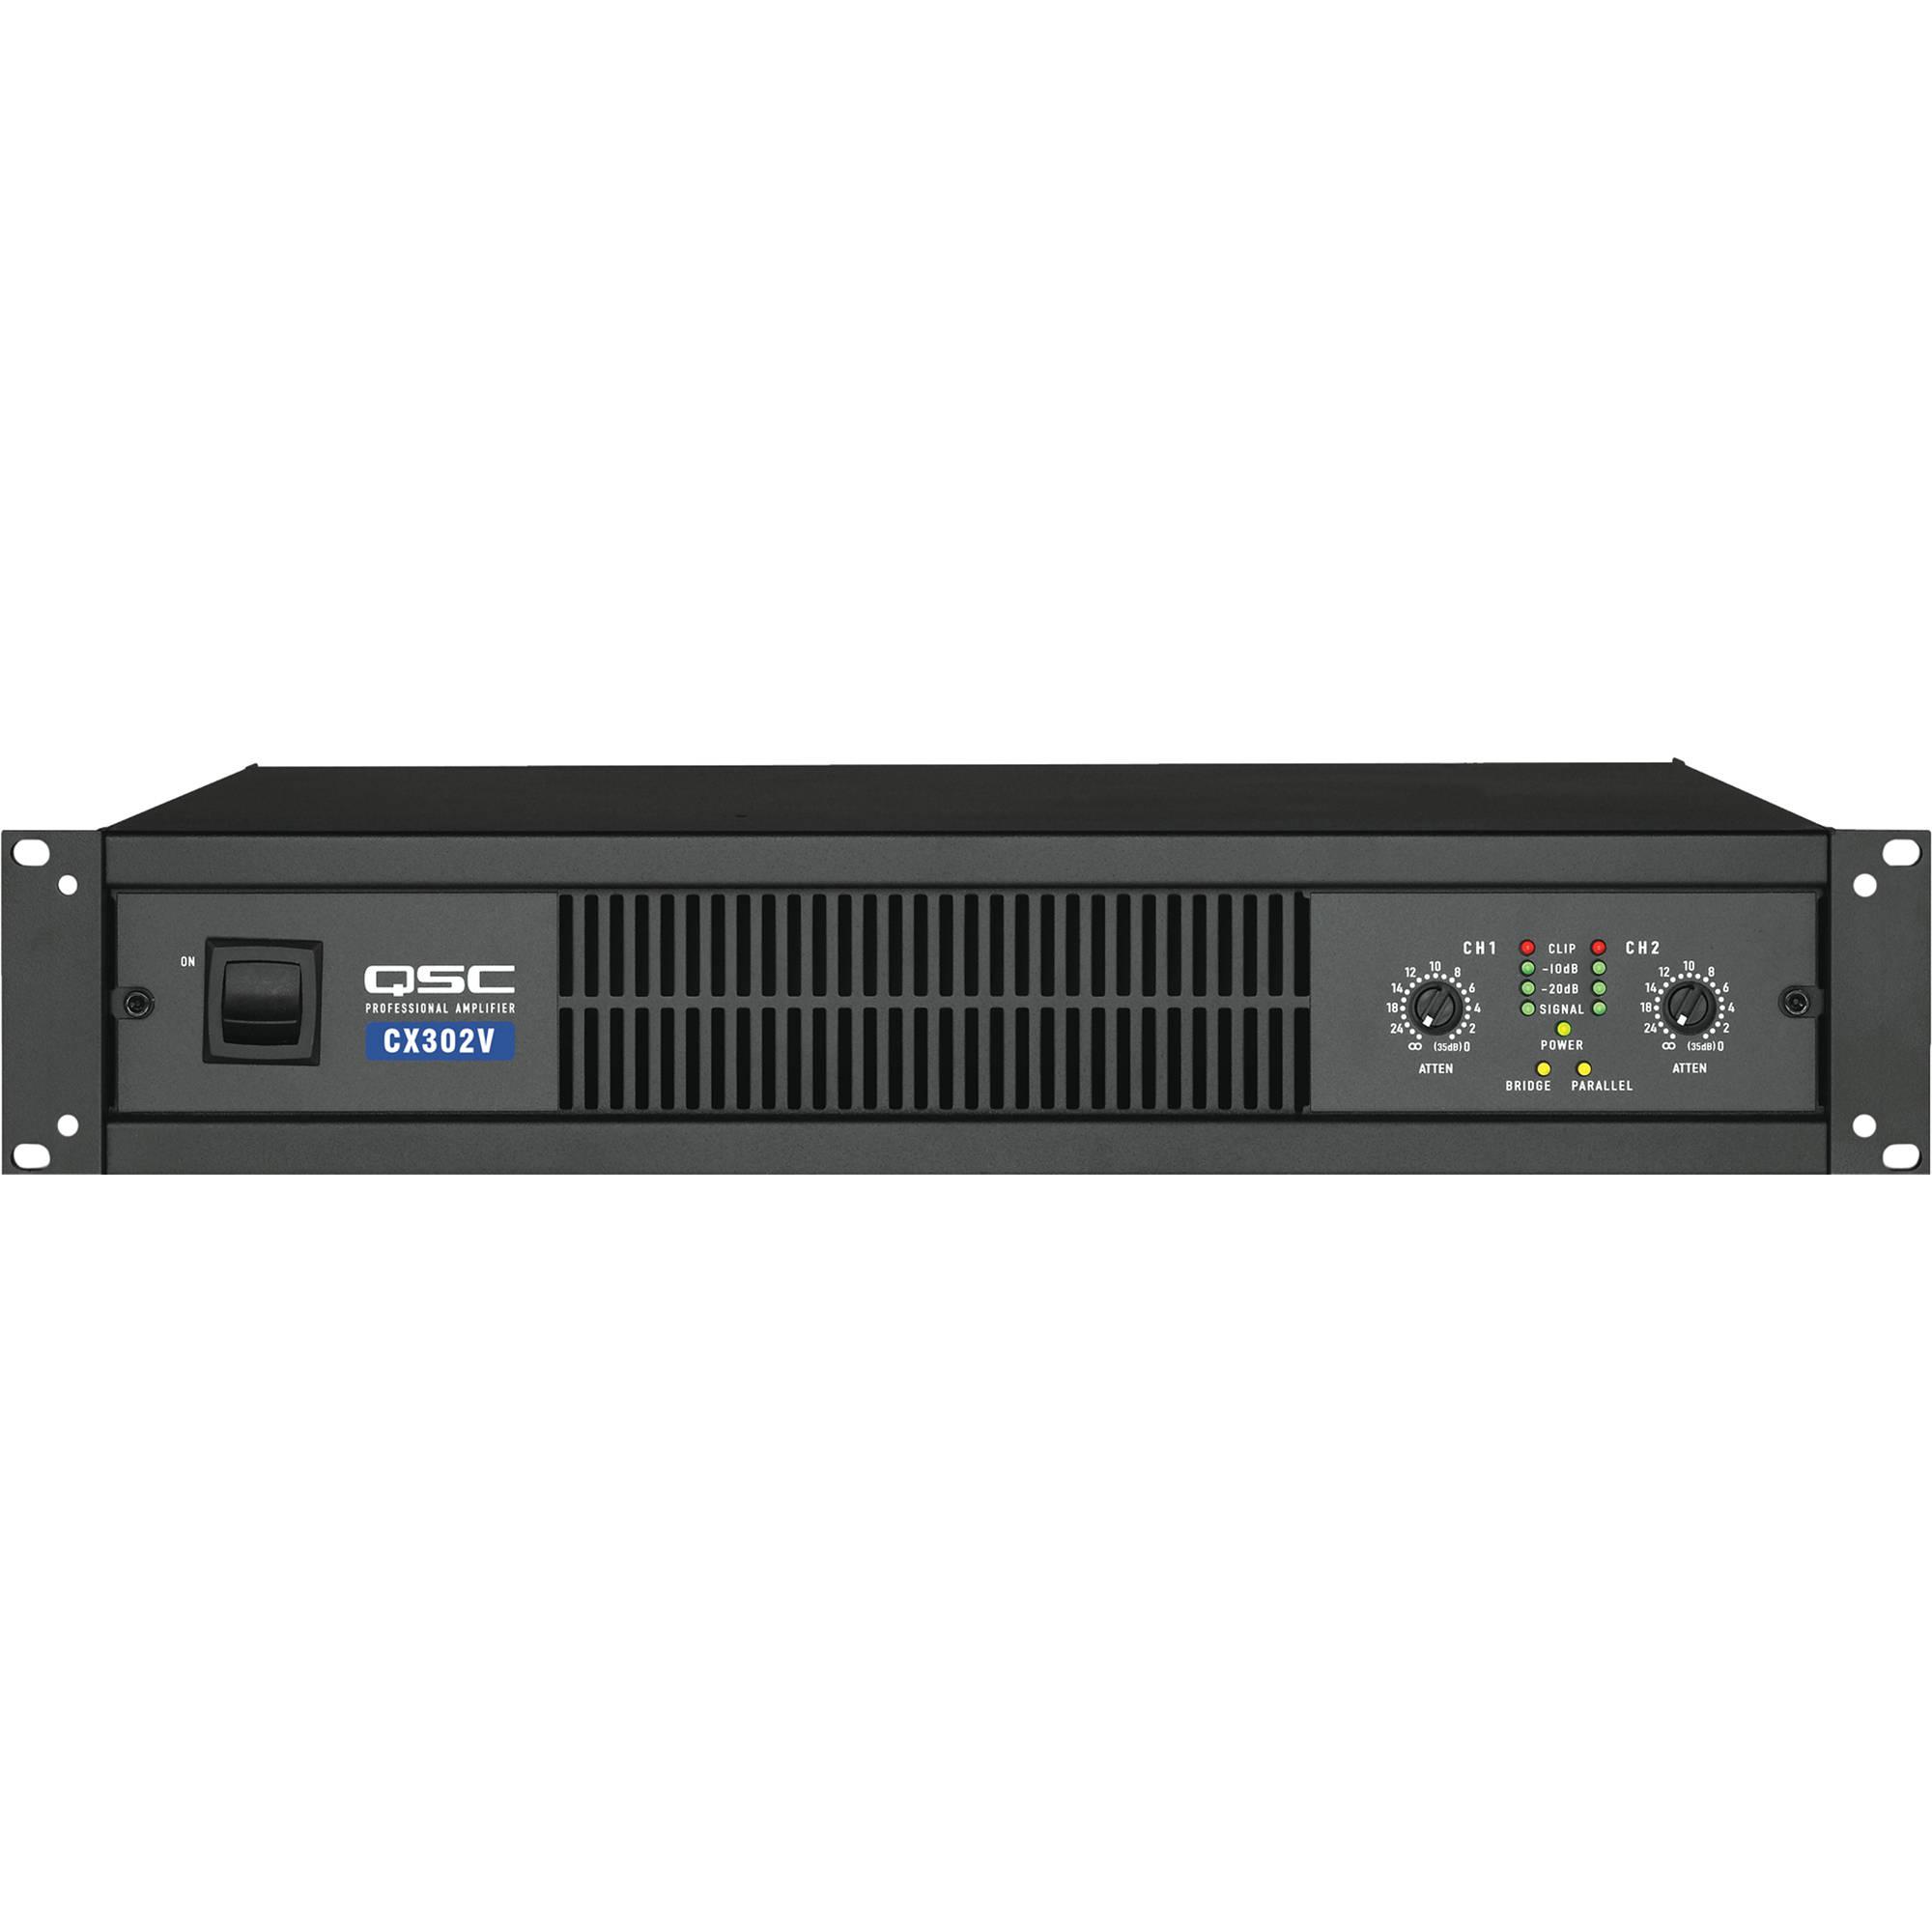 qsc cx 302v 2 channel direct output power amplifier cx302v b h. Black Bedroom Furniture Sets. Home Design Ideas